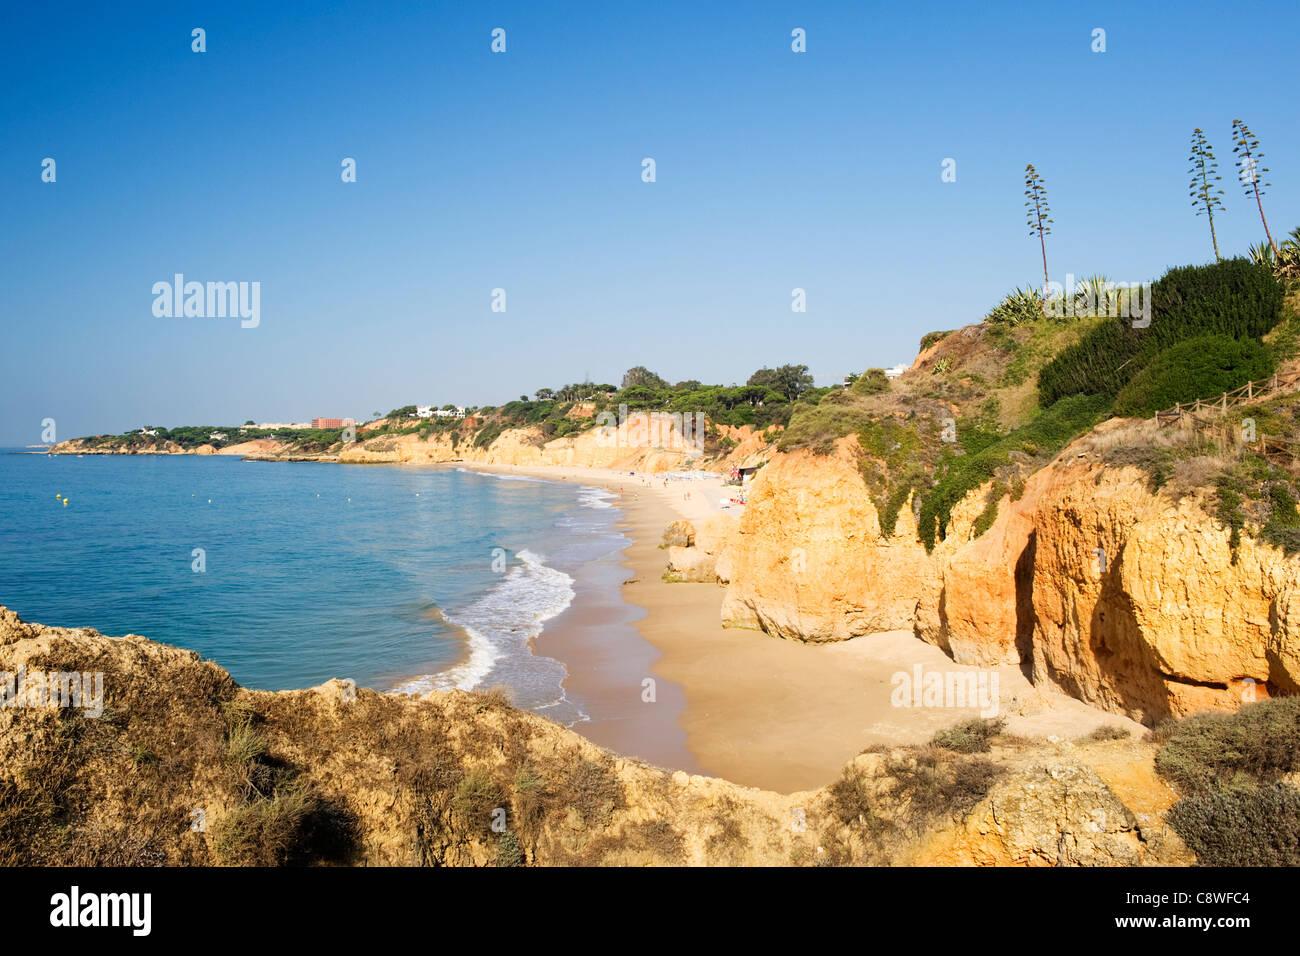 Portugal Algarve Albufeira Club Med Da Balaia seascape falaises de sable de  plage vagues rochers tombés dd586faedae6